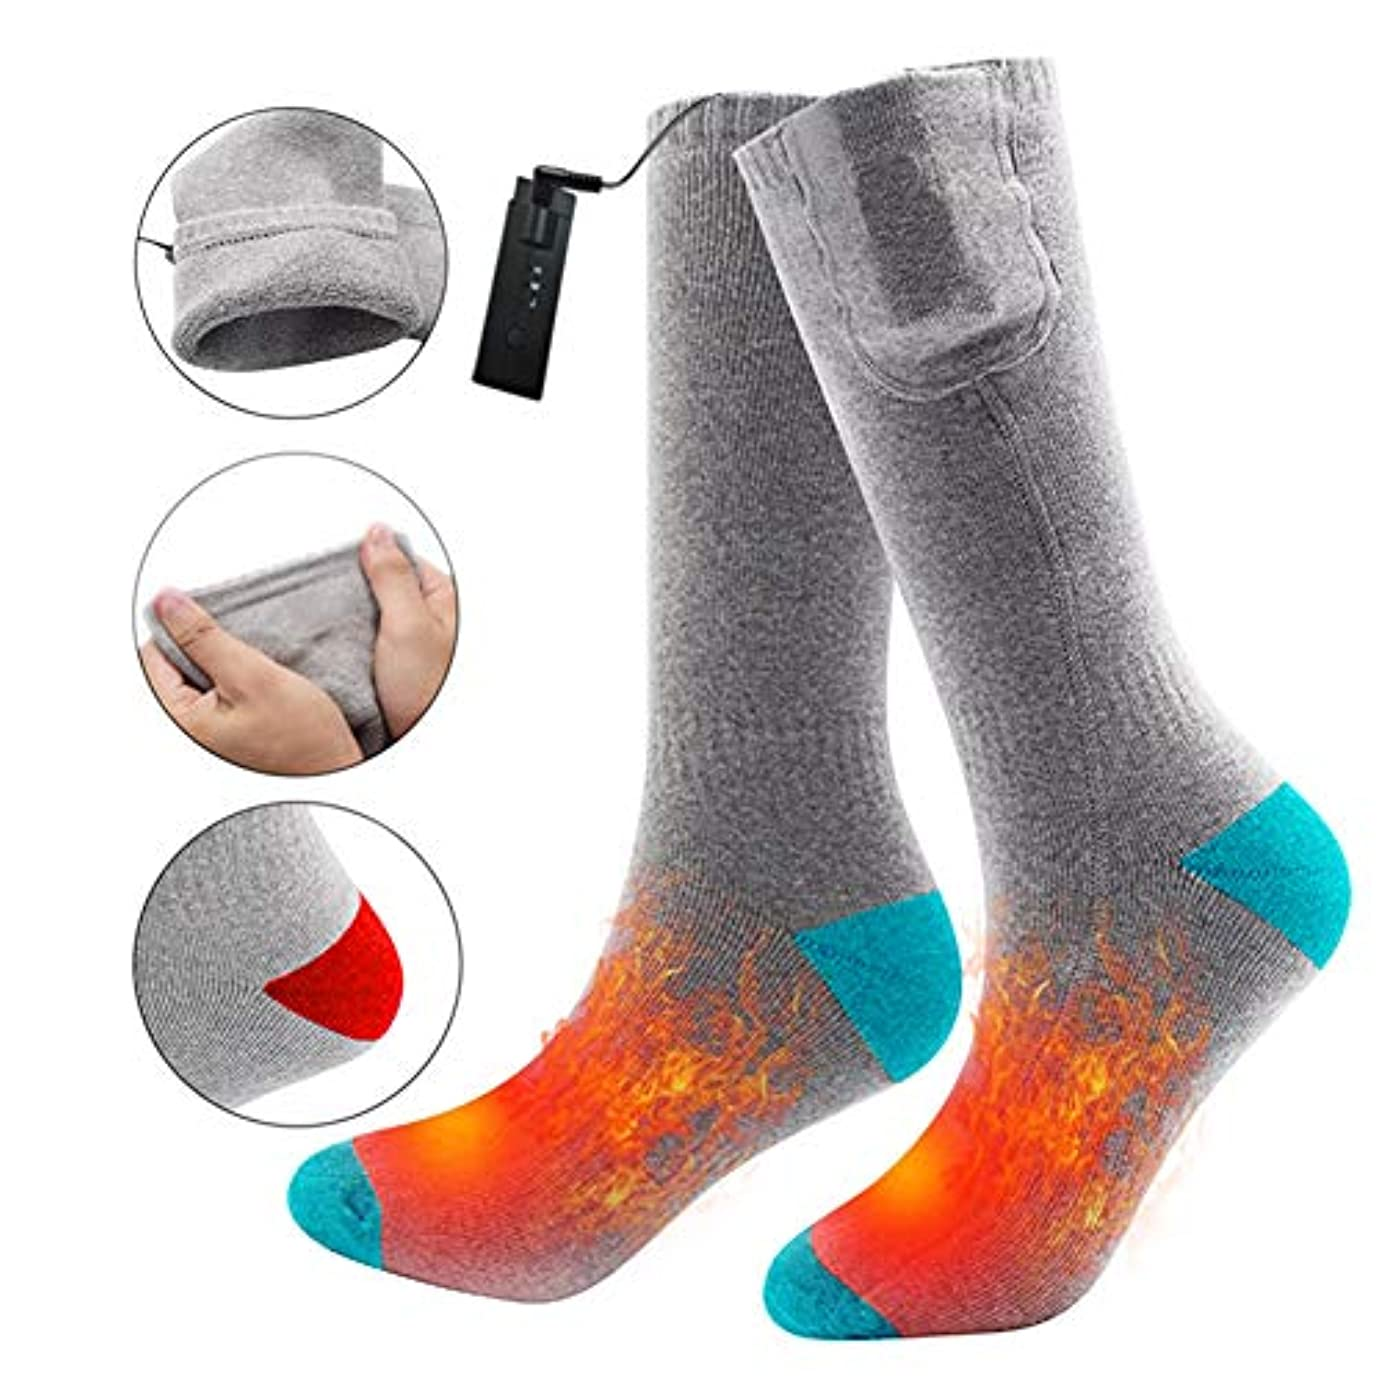 汚染する旋回遠征電気温水靴下 3.7 V 2200mah 充電式バッテリーサーマルソックス男性女性、屋外の屋内冬の活動のようなキャンプのハイキングに乗ってフットウォーマー